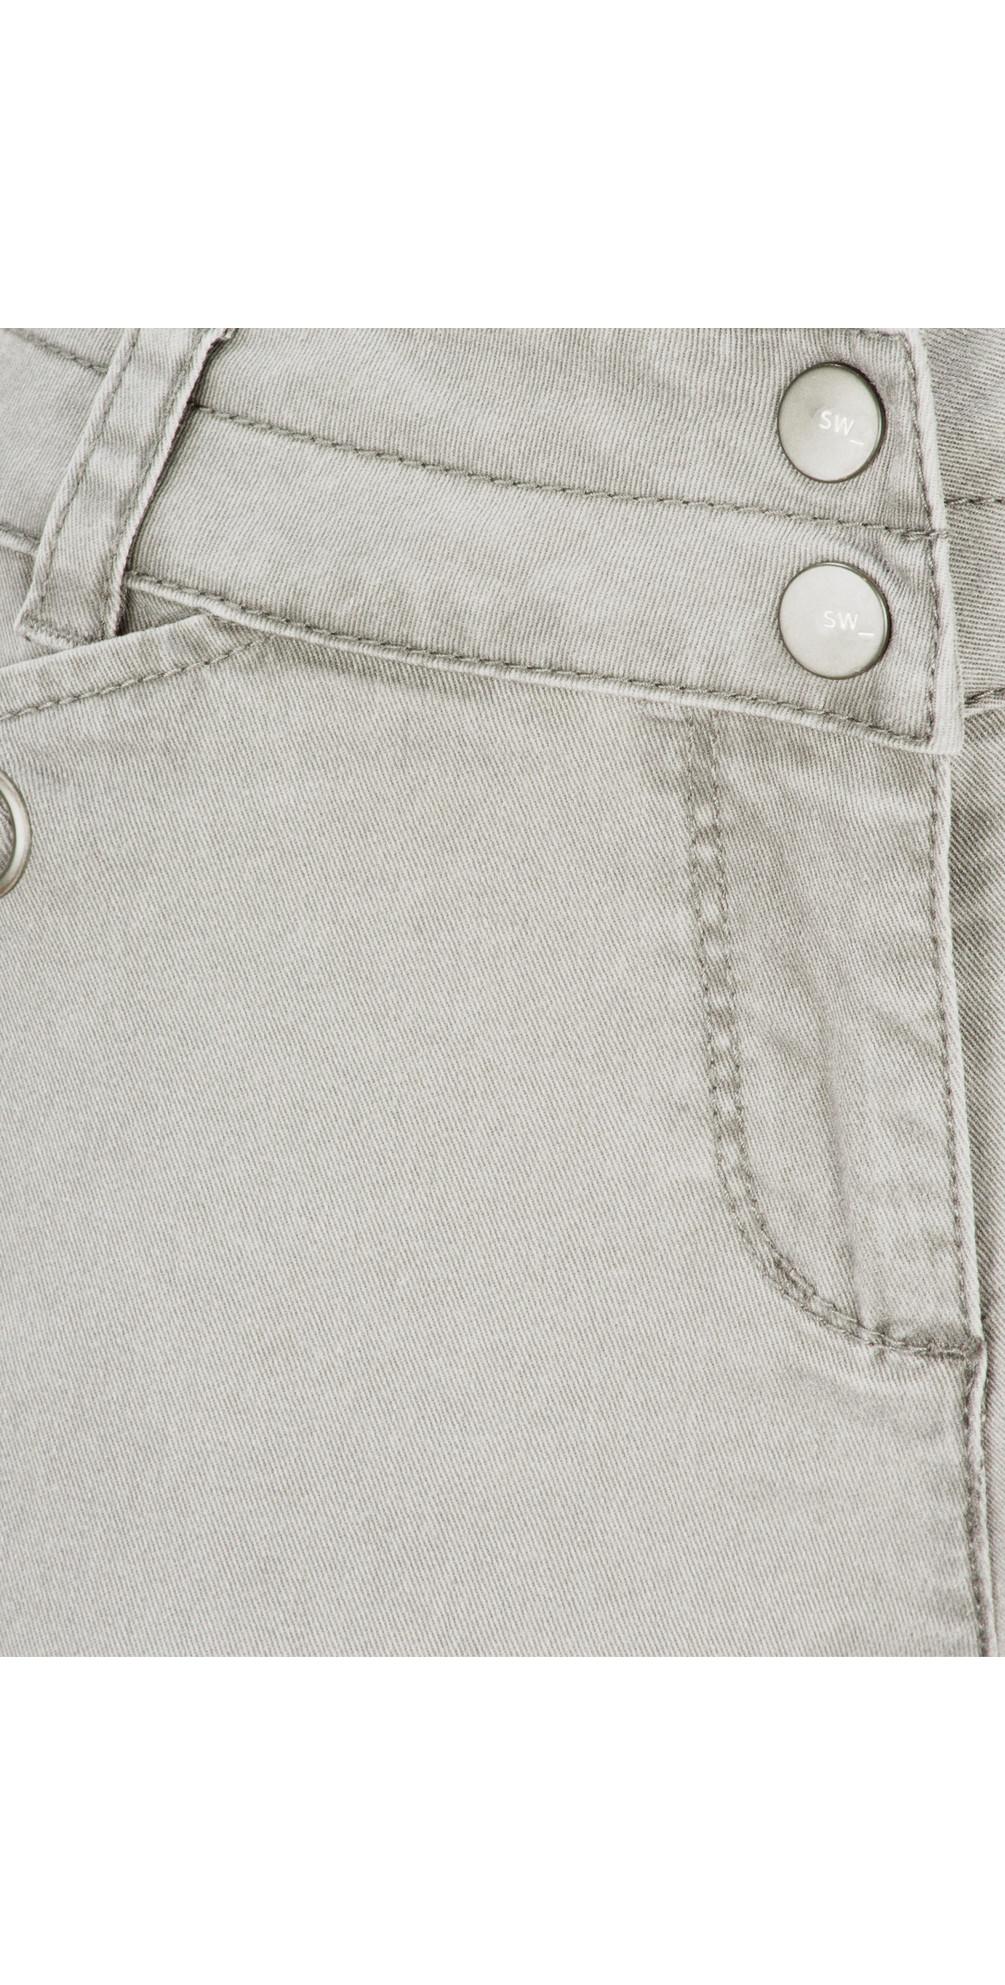 Stretch Twill Slim Fit Jean main image